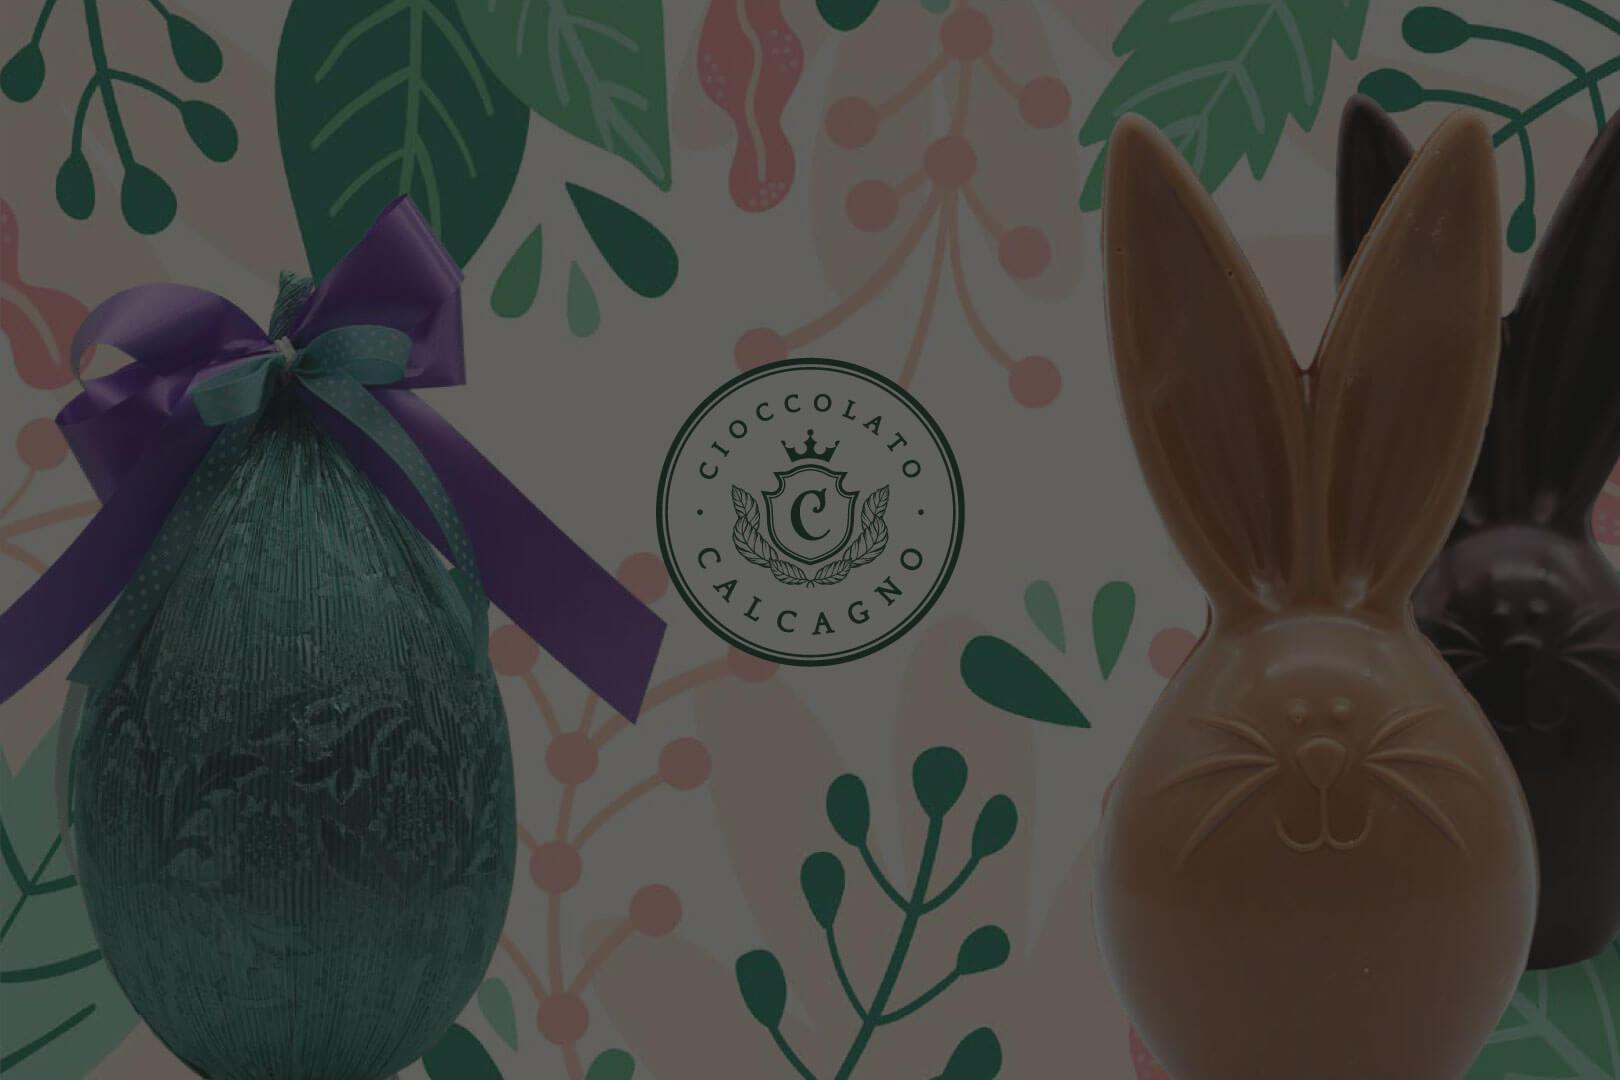 Catalogo Cioccolato Calcagno Pasqua 2020